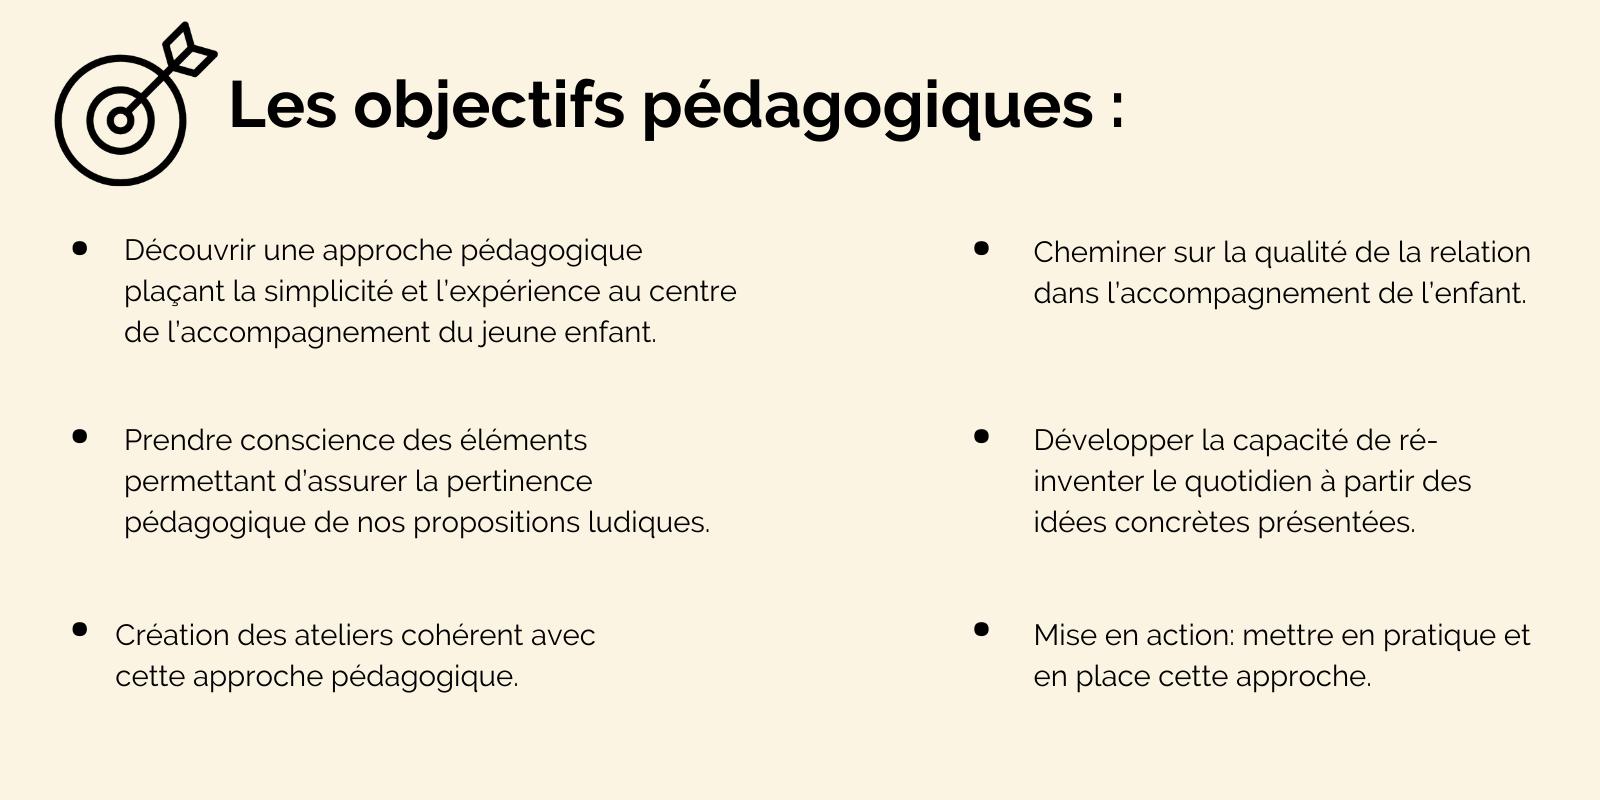 Slow pédagogie : objectifs pédagogiques